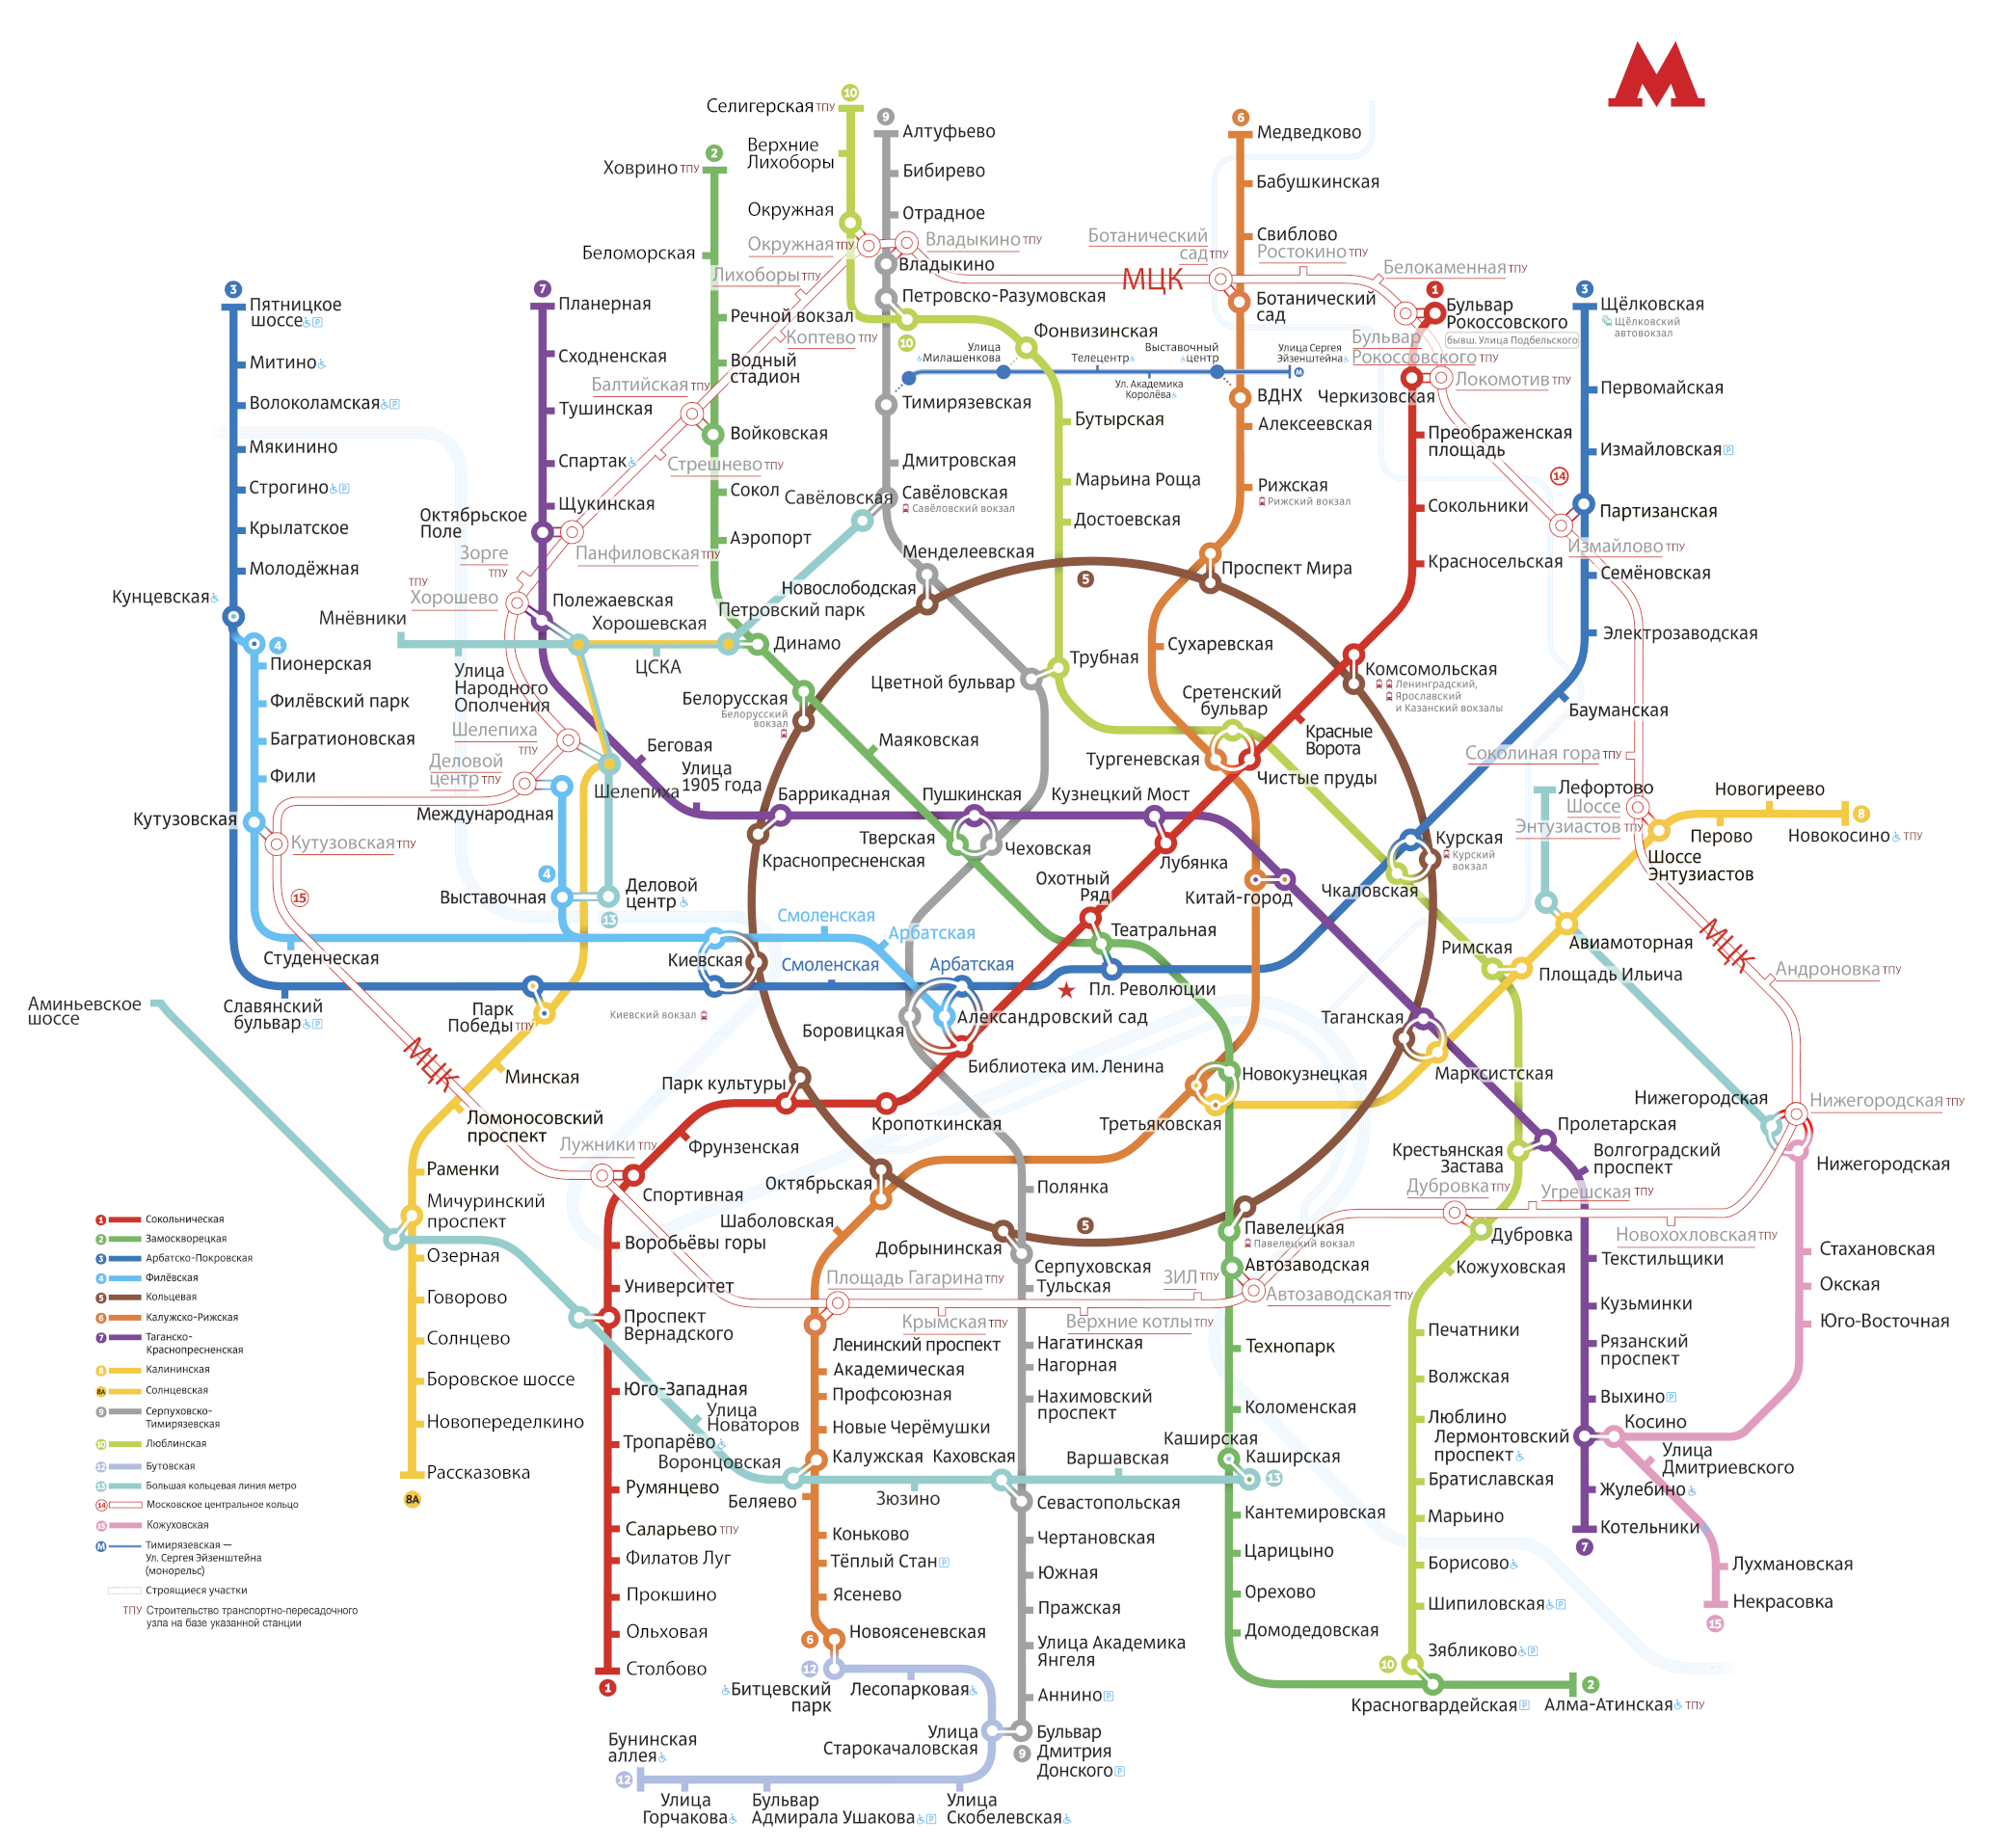 Транспортная развязка Москвы